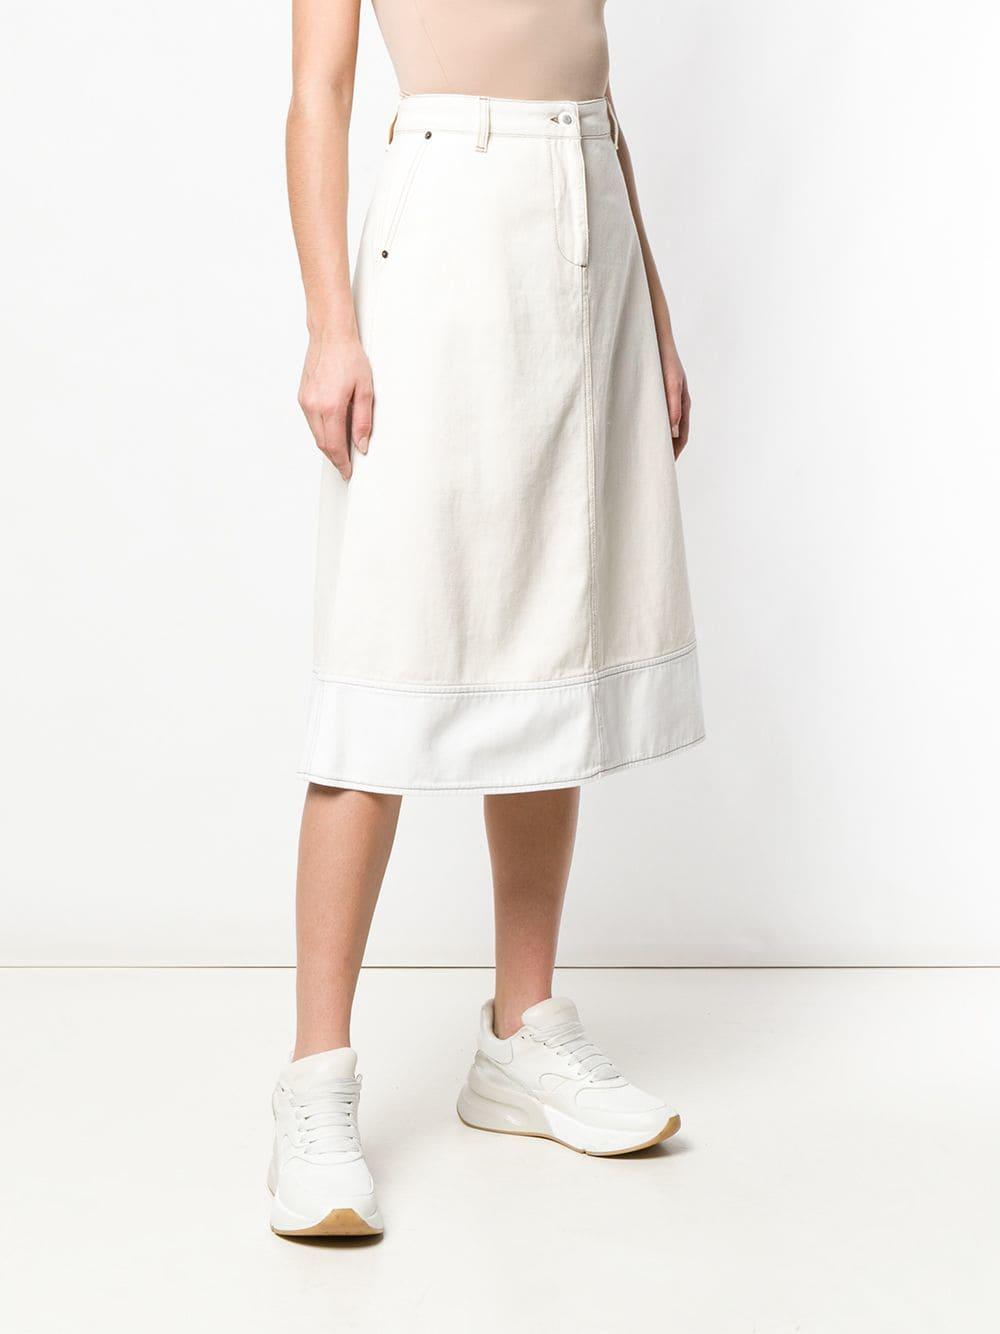 b946d0cd8 Faldas Falda recta de talle alto - blanco Marni